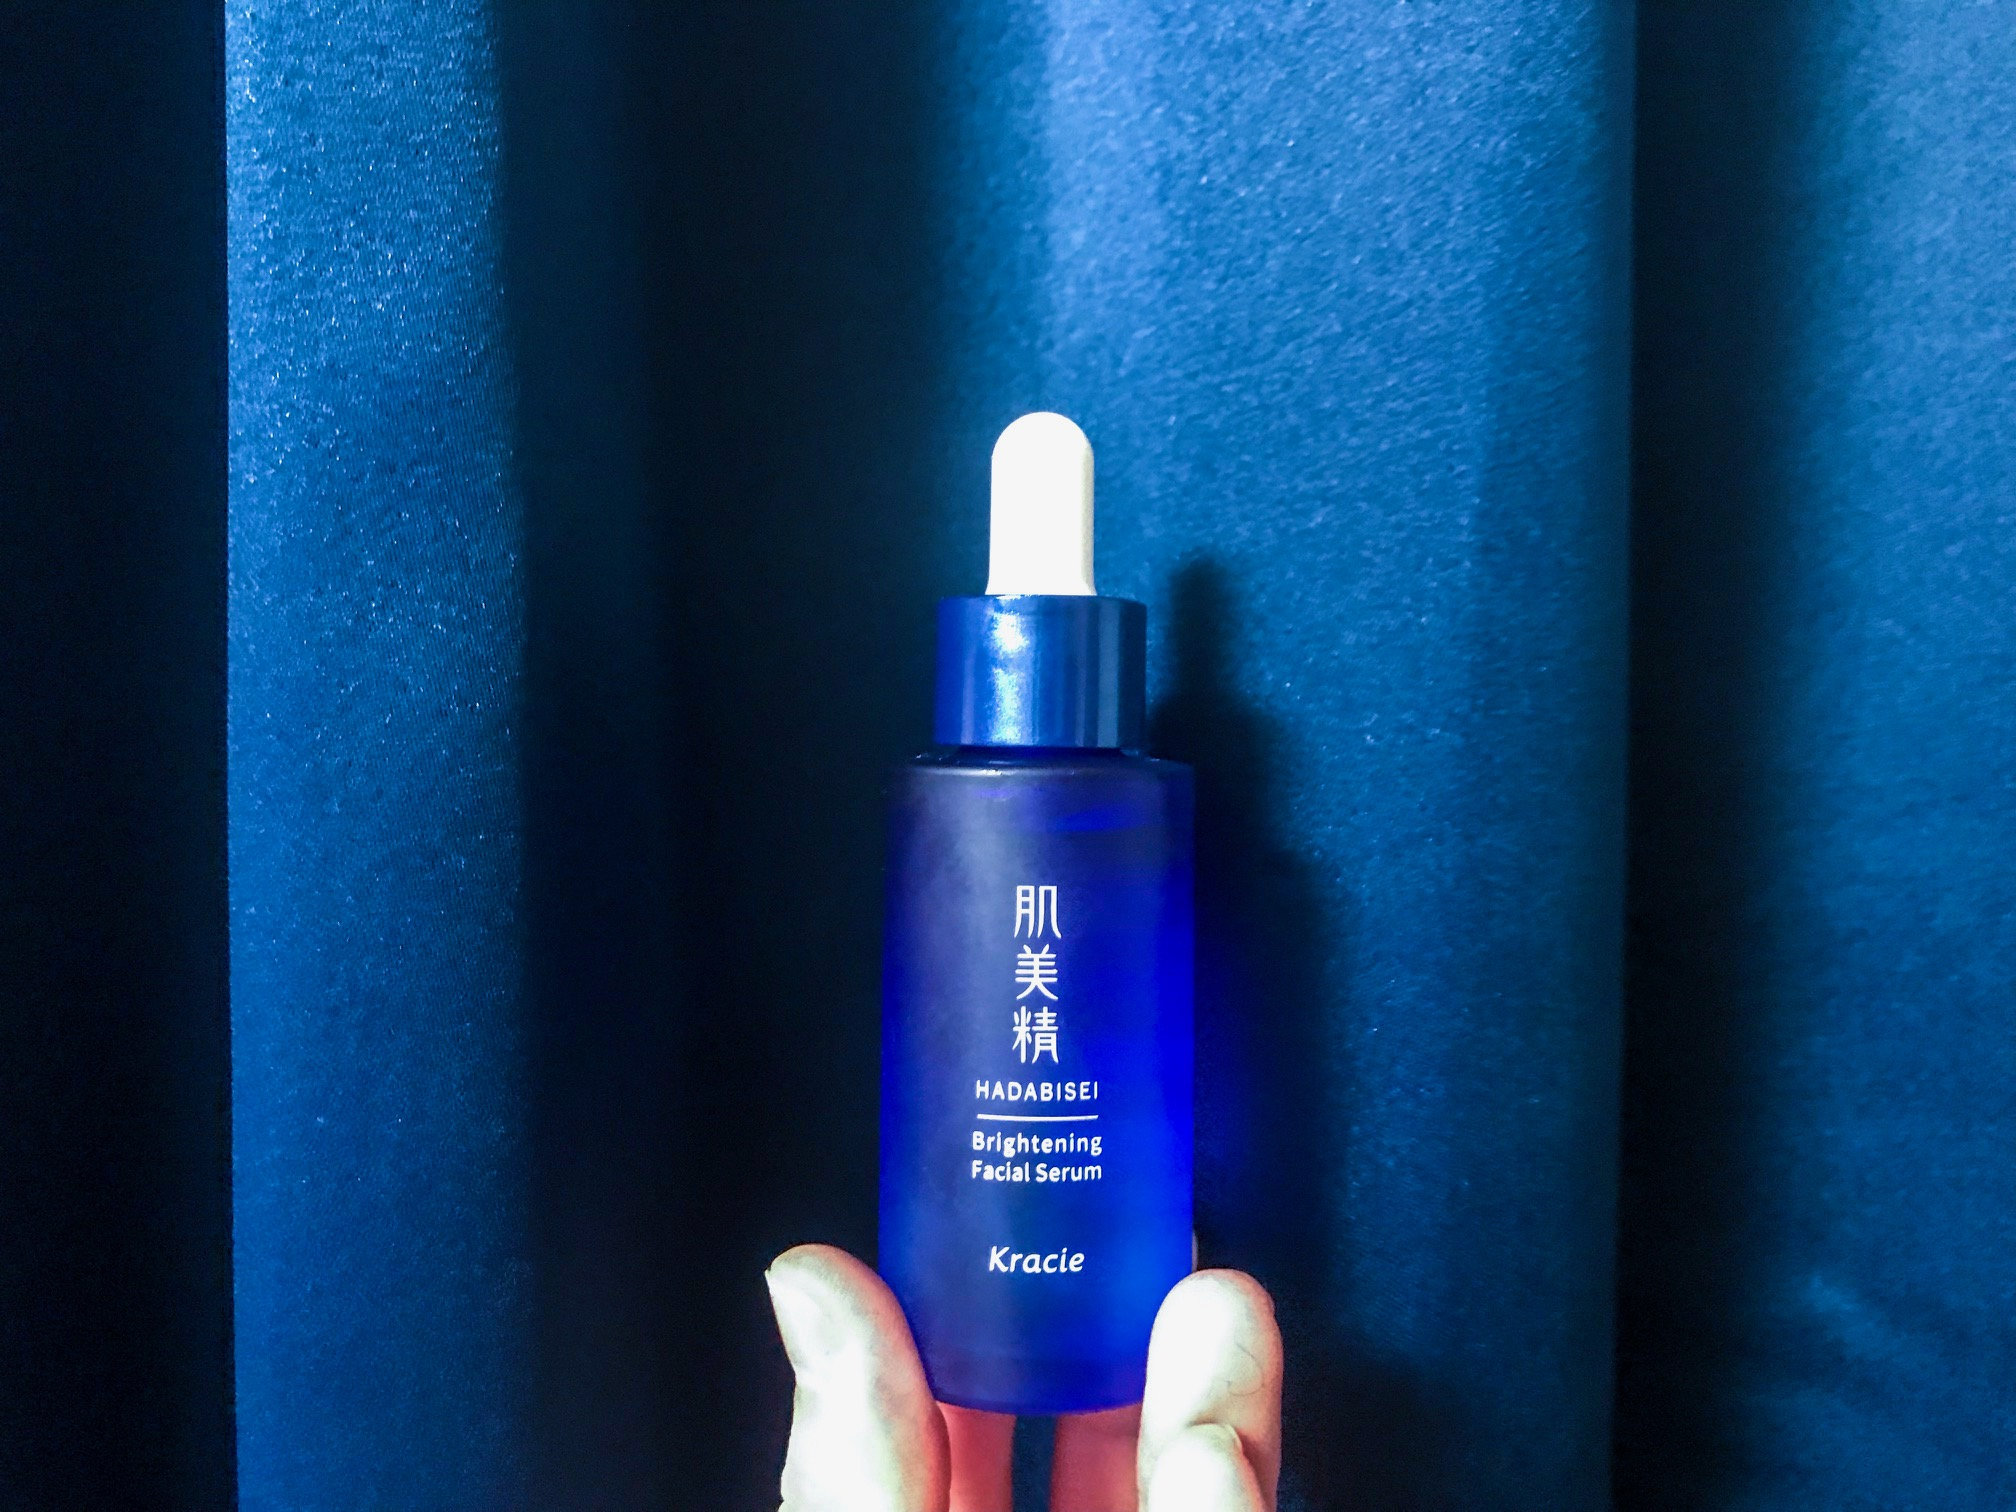 美白化粧品特集 - シミやくすみ対策・肌の透明感アップが期待できるコスメは? 記事Photo Gallery_1_12